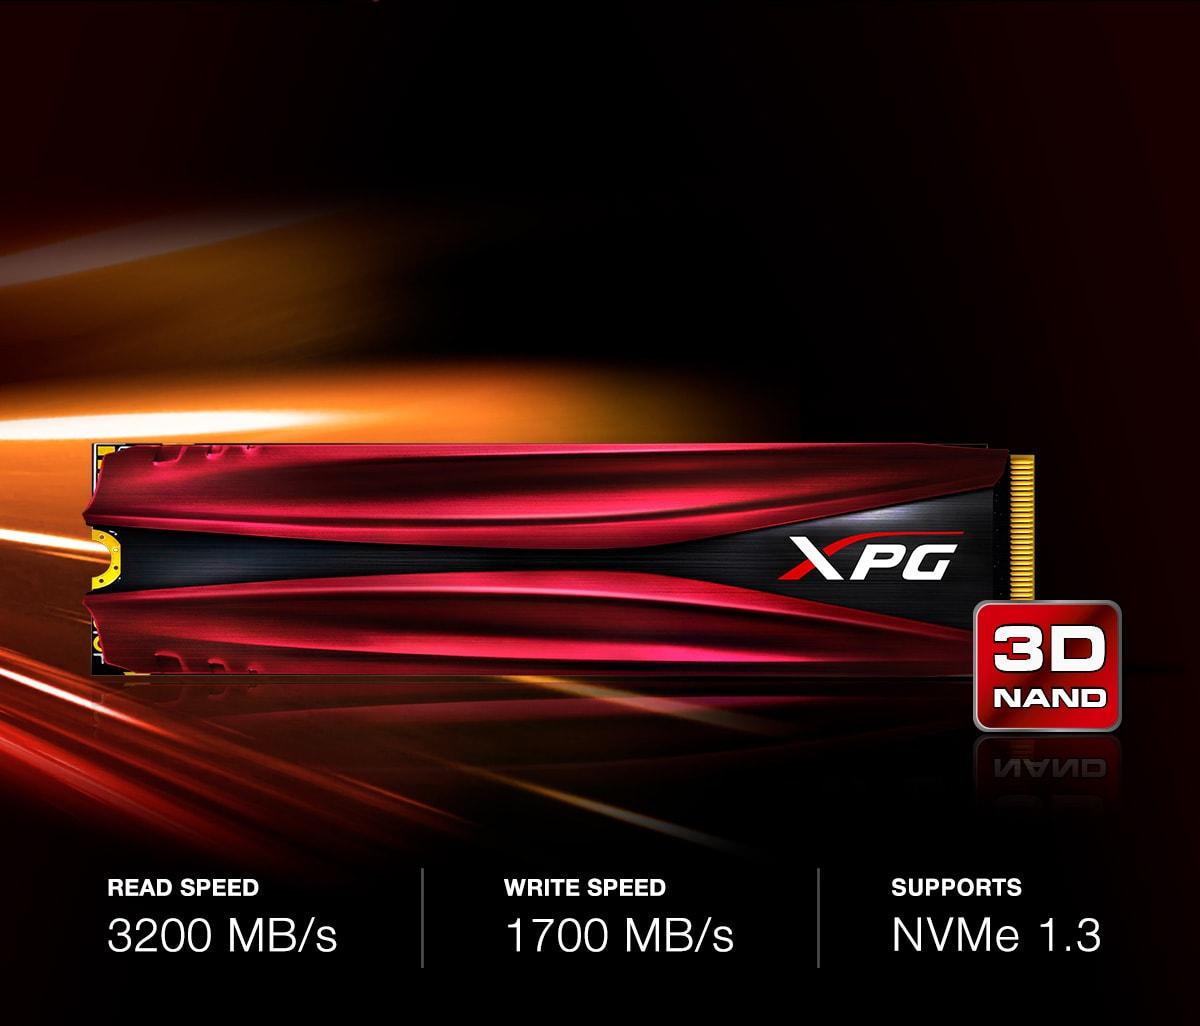 مشخصات و قیمت خرید اس اس دی اینترنال ایکس پی جی مدل GAMMIX S11 PCIe Gen3x4 M.2 2280 ظرفیت 1 ترابایت